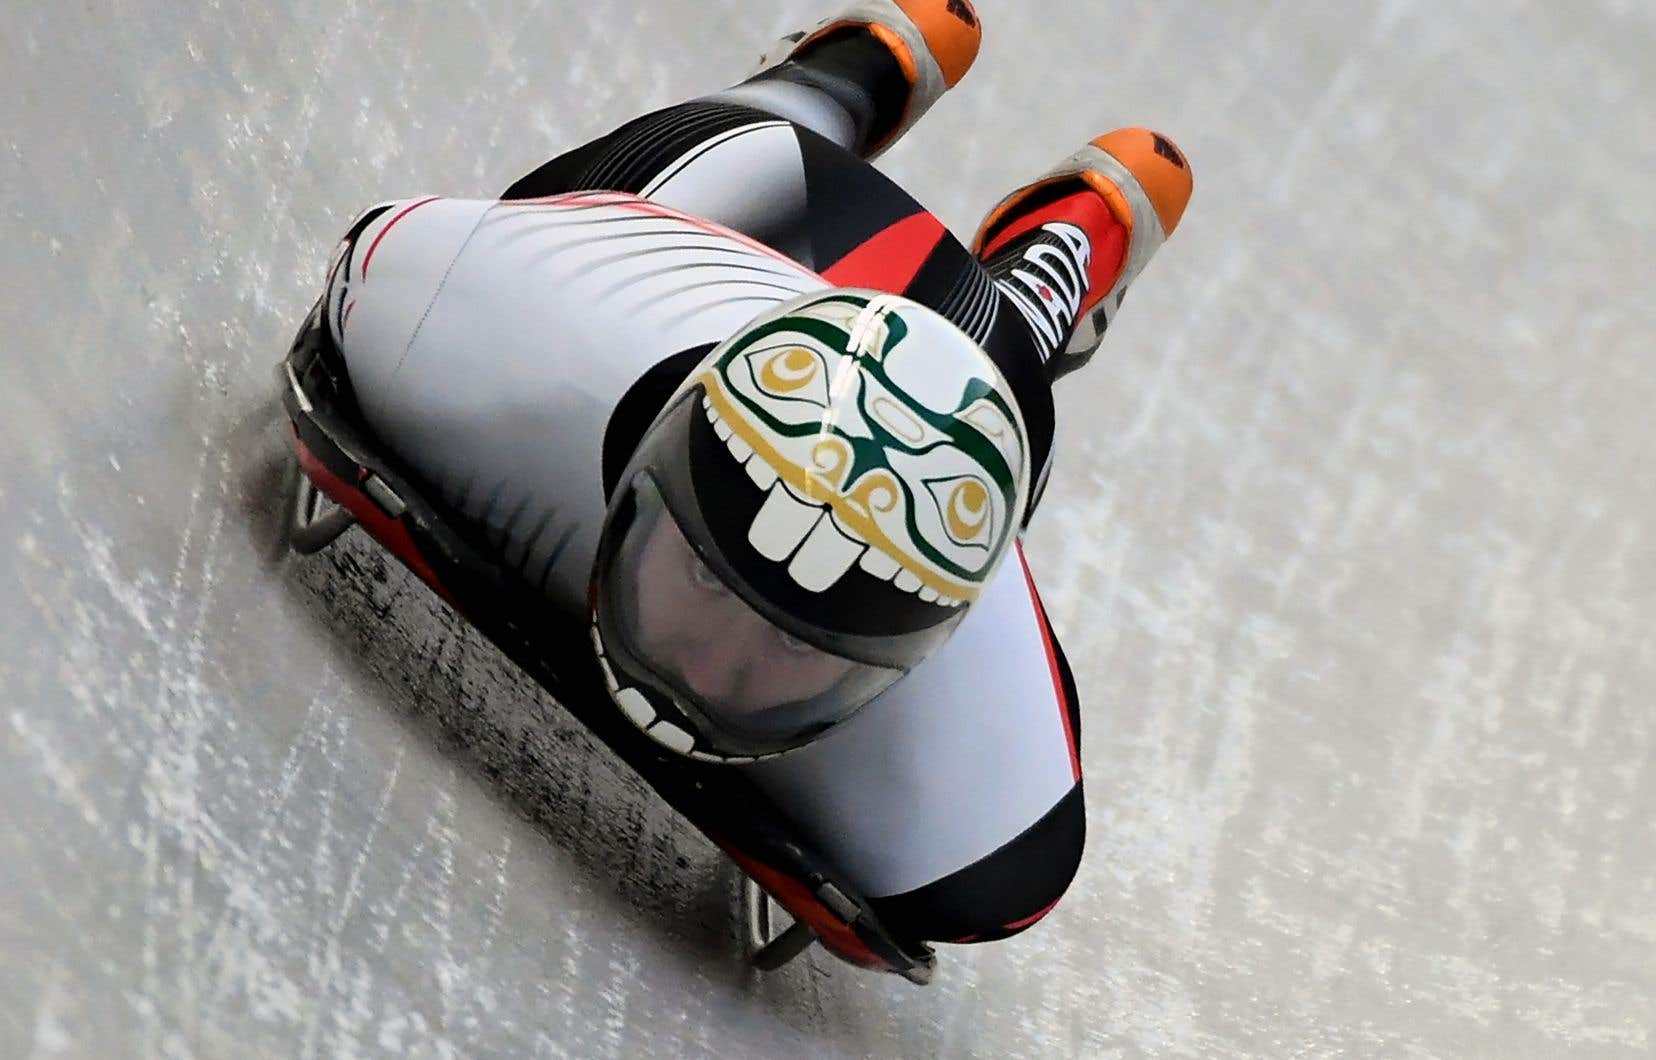 Le Canadien Kevin Boyer s'est entraîné une première fois mercredi sur la piste de skeleton de Pyeongchang.